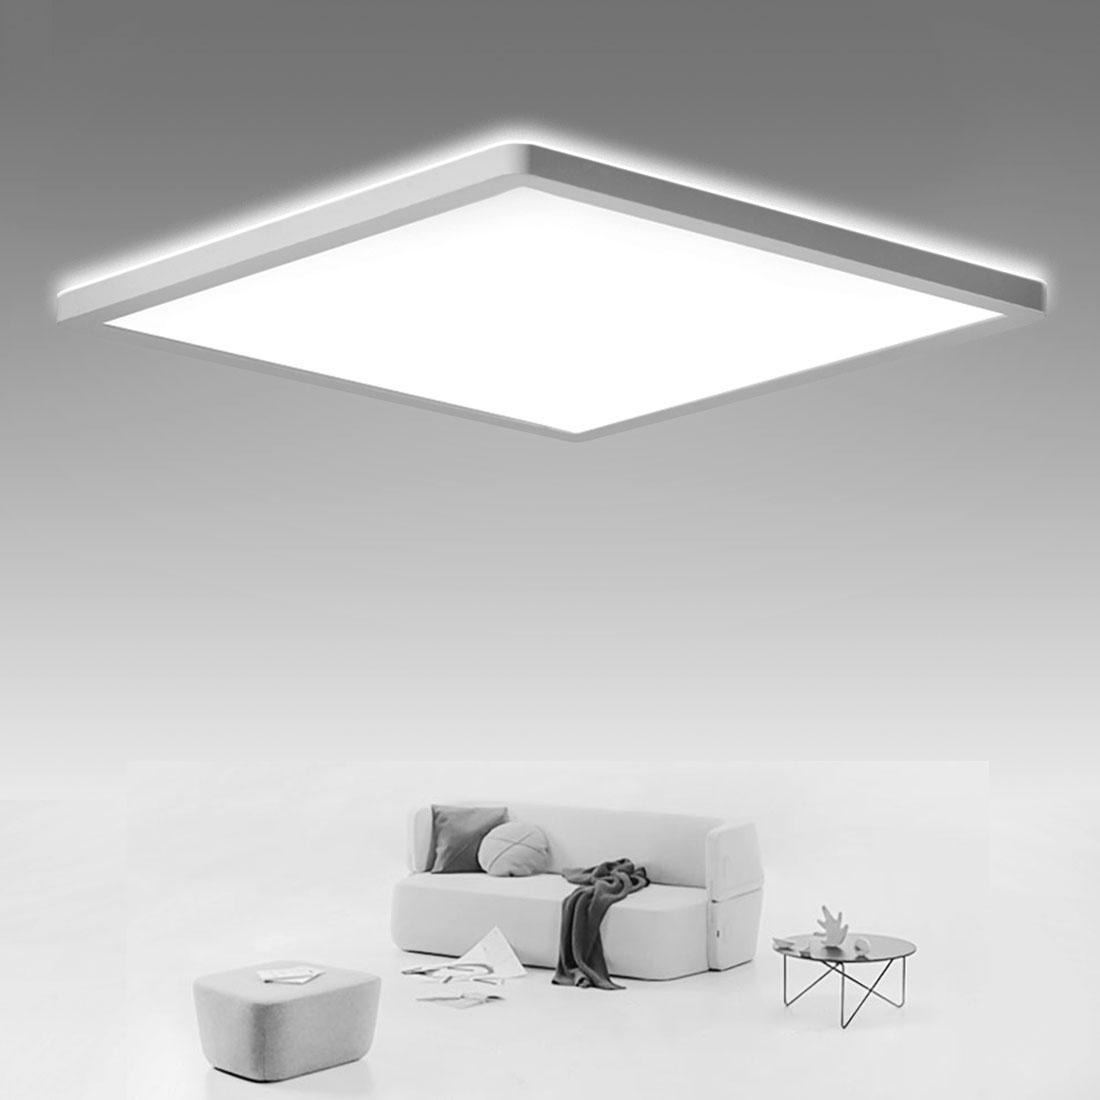 SHILOOK LED Deckenleuchte Flach, 20W Deckenlampe Eckig Panel für ...